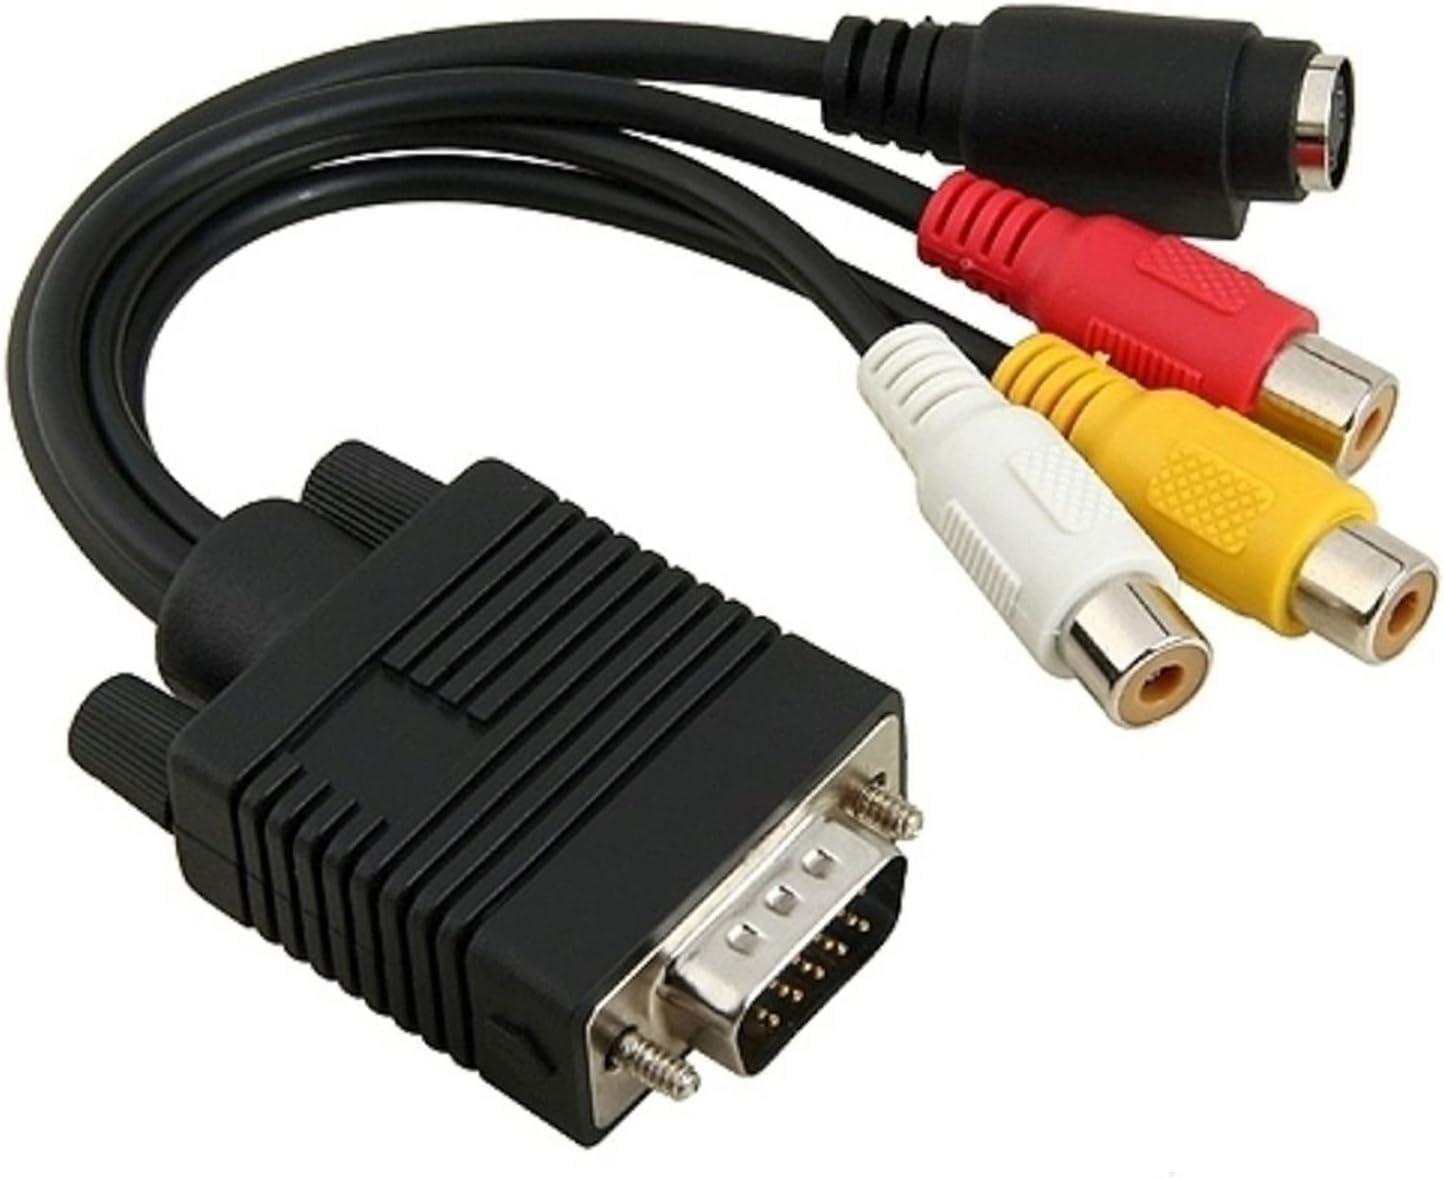 Goodlucking - Cable adaptador VGA a RCA para TV, S-Video 3 ordenador, AV: Amazon.es: Electrónica